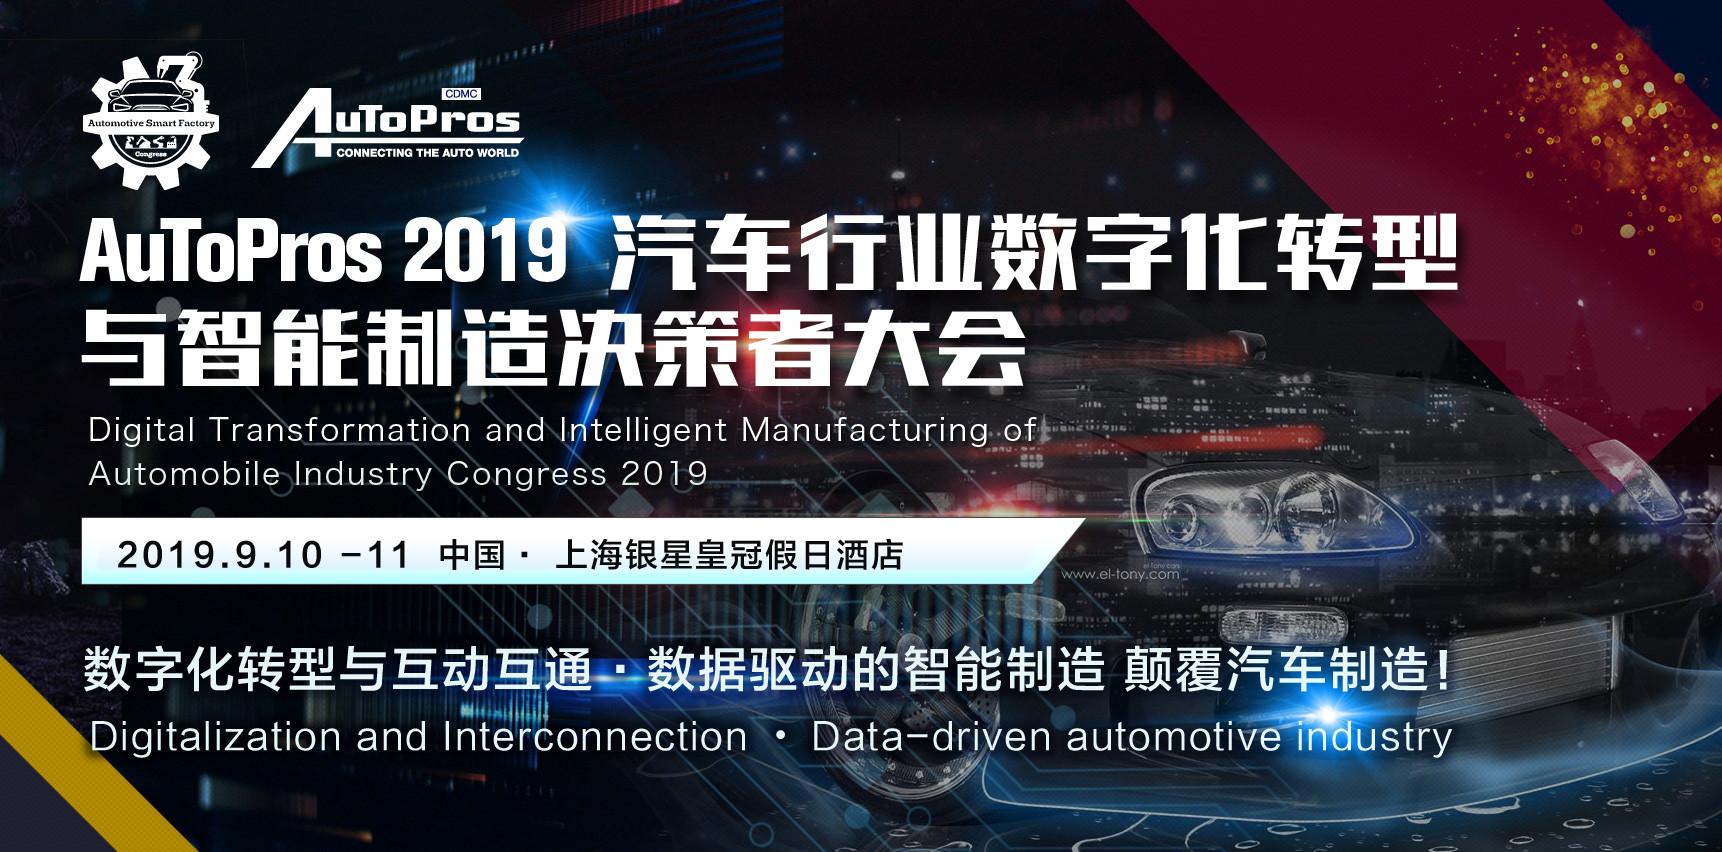 AuToPros 汽车行业数字化转型与智能制造决策者大会2019